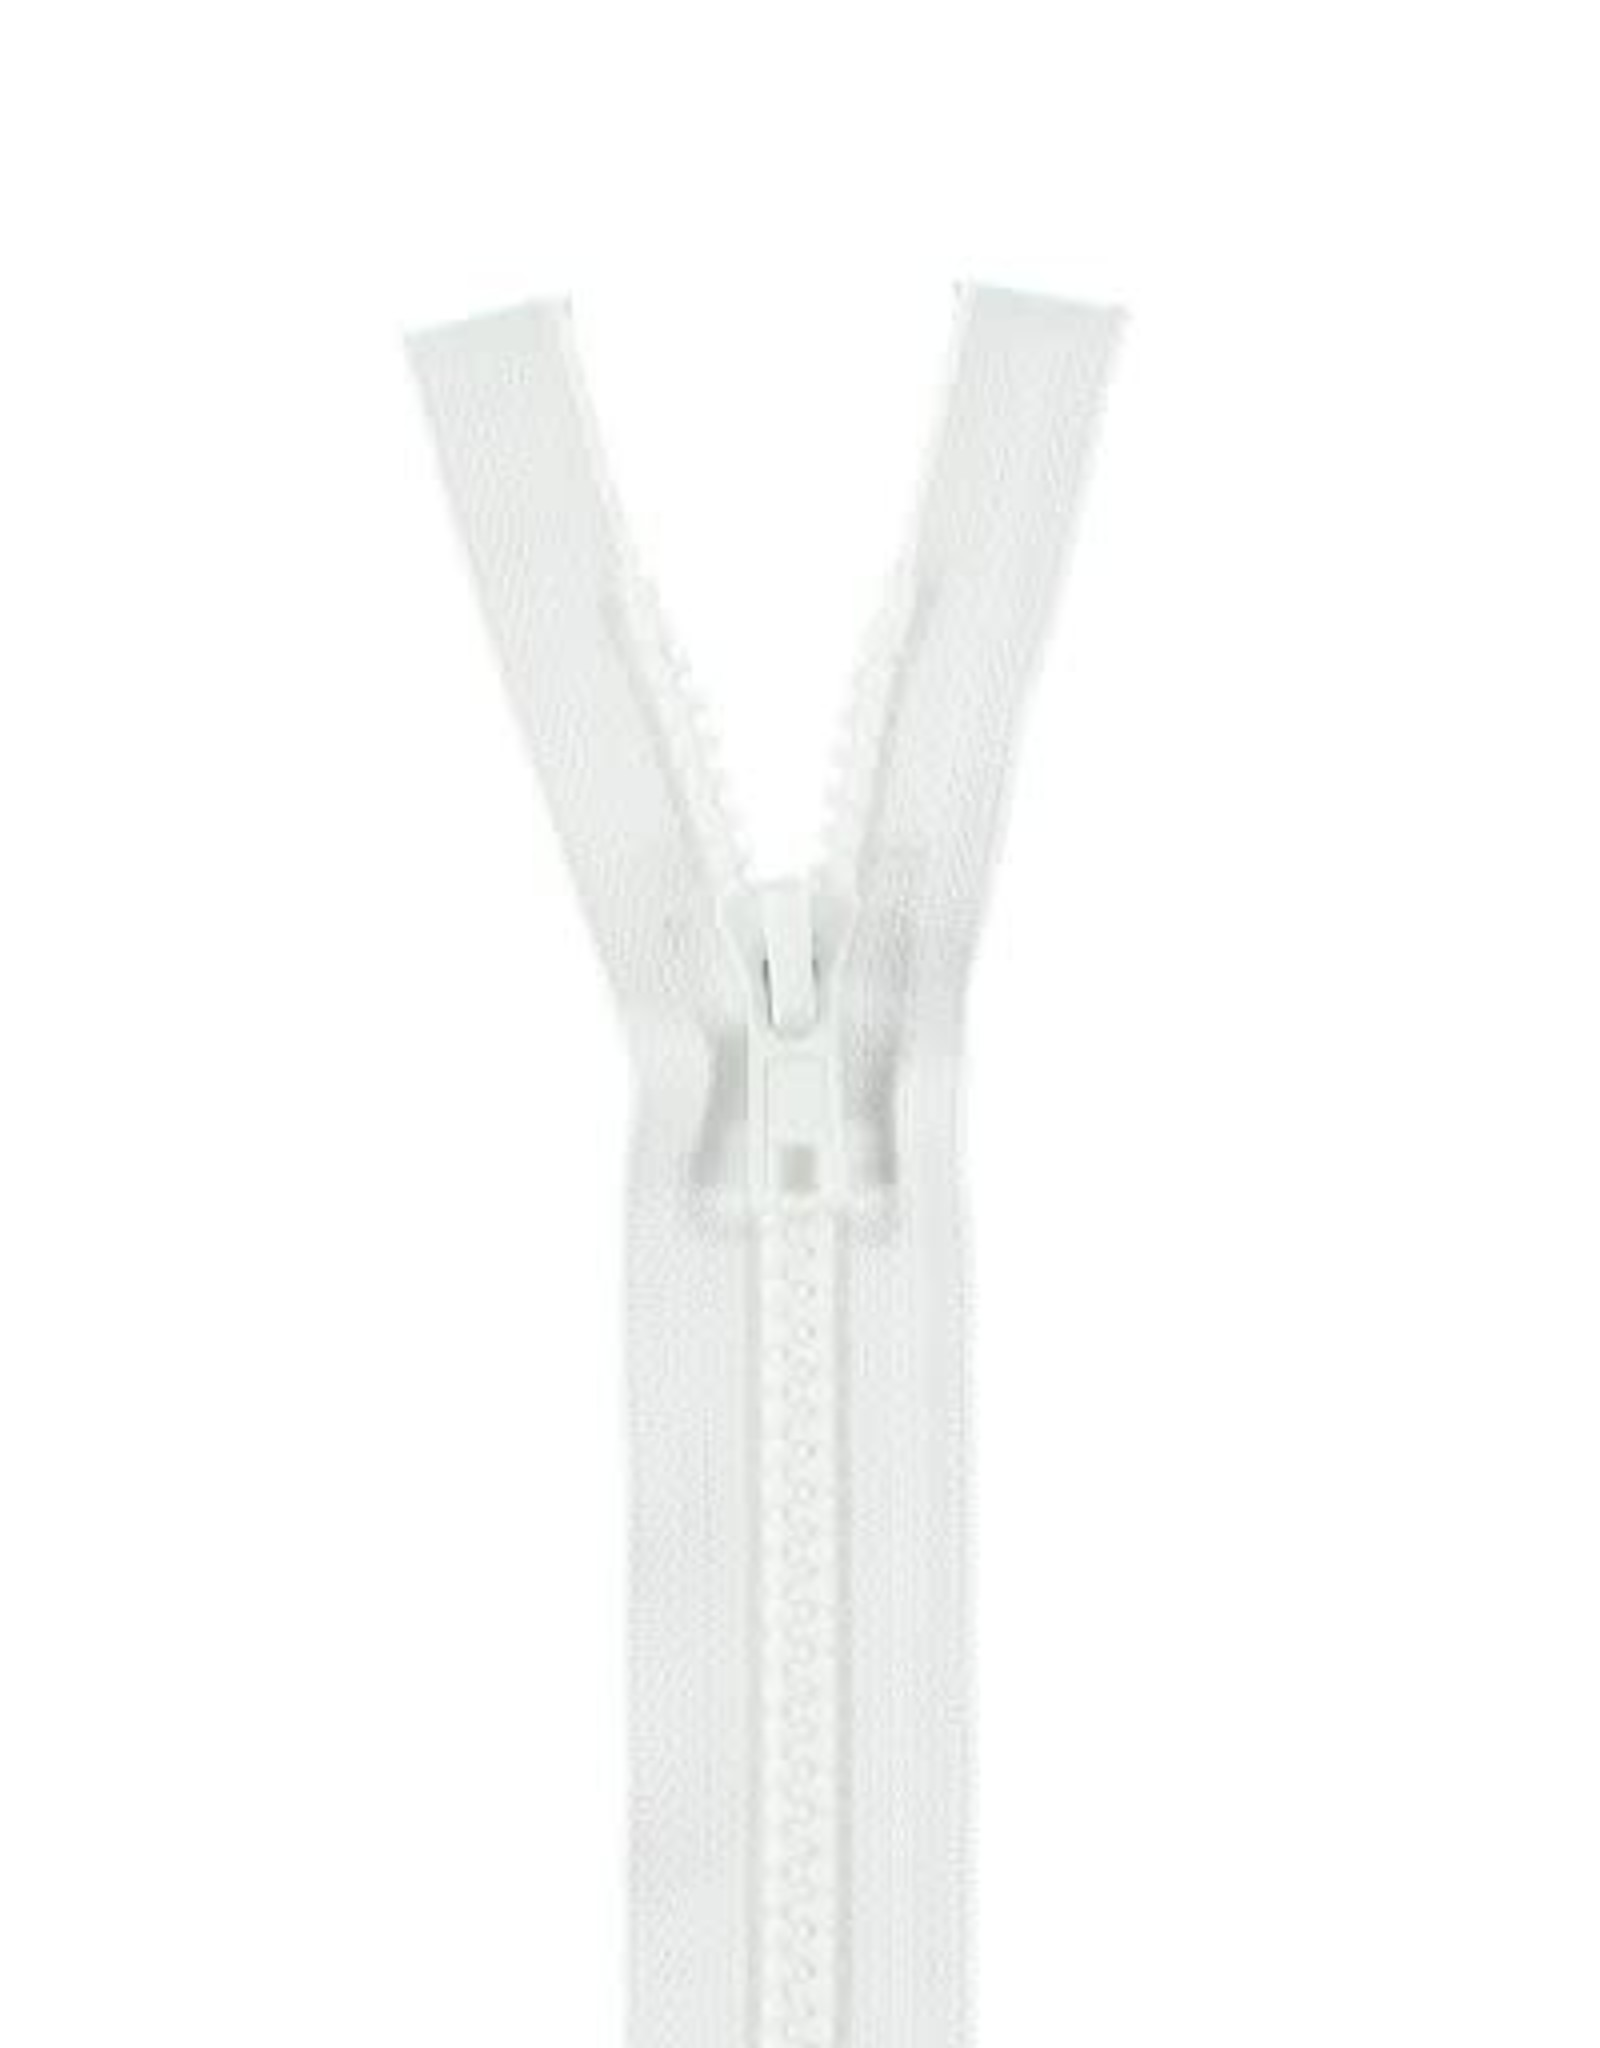 YKK BLOKRITS 5 DEELBAAR wit 501-50cm